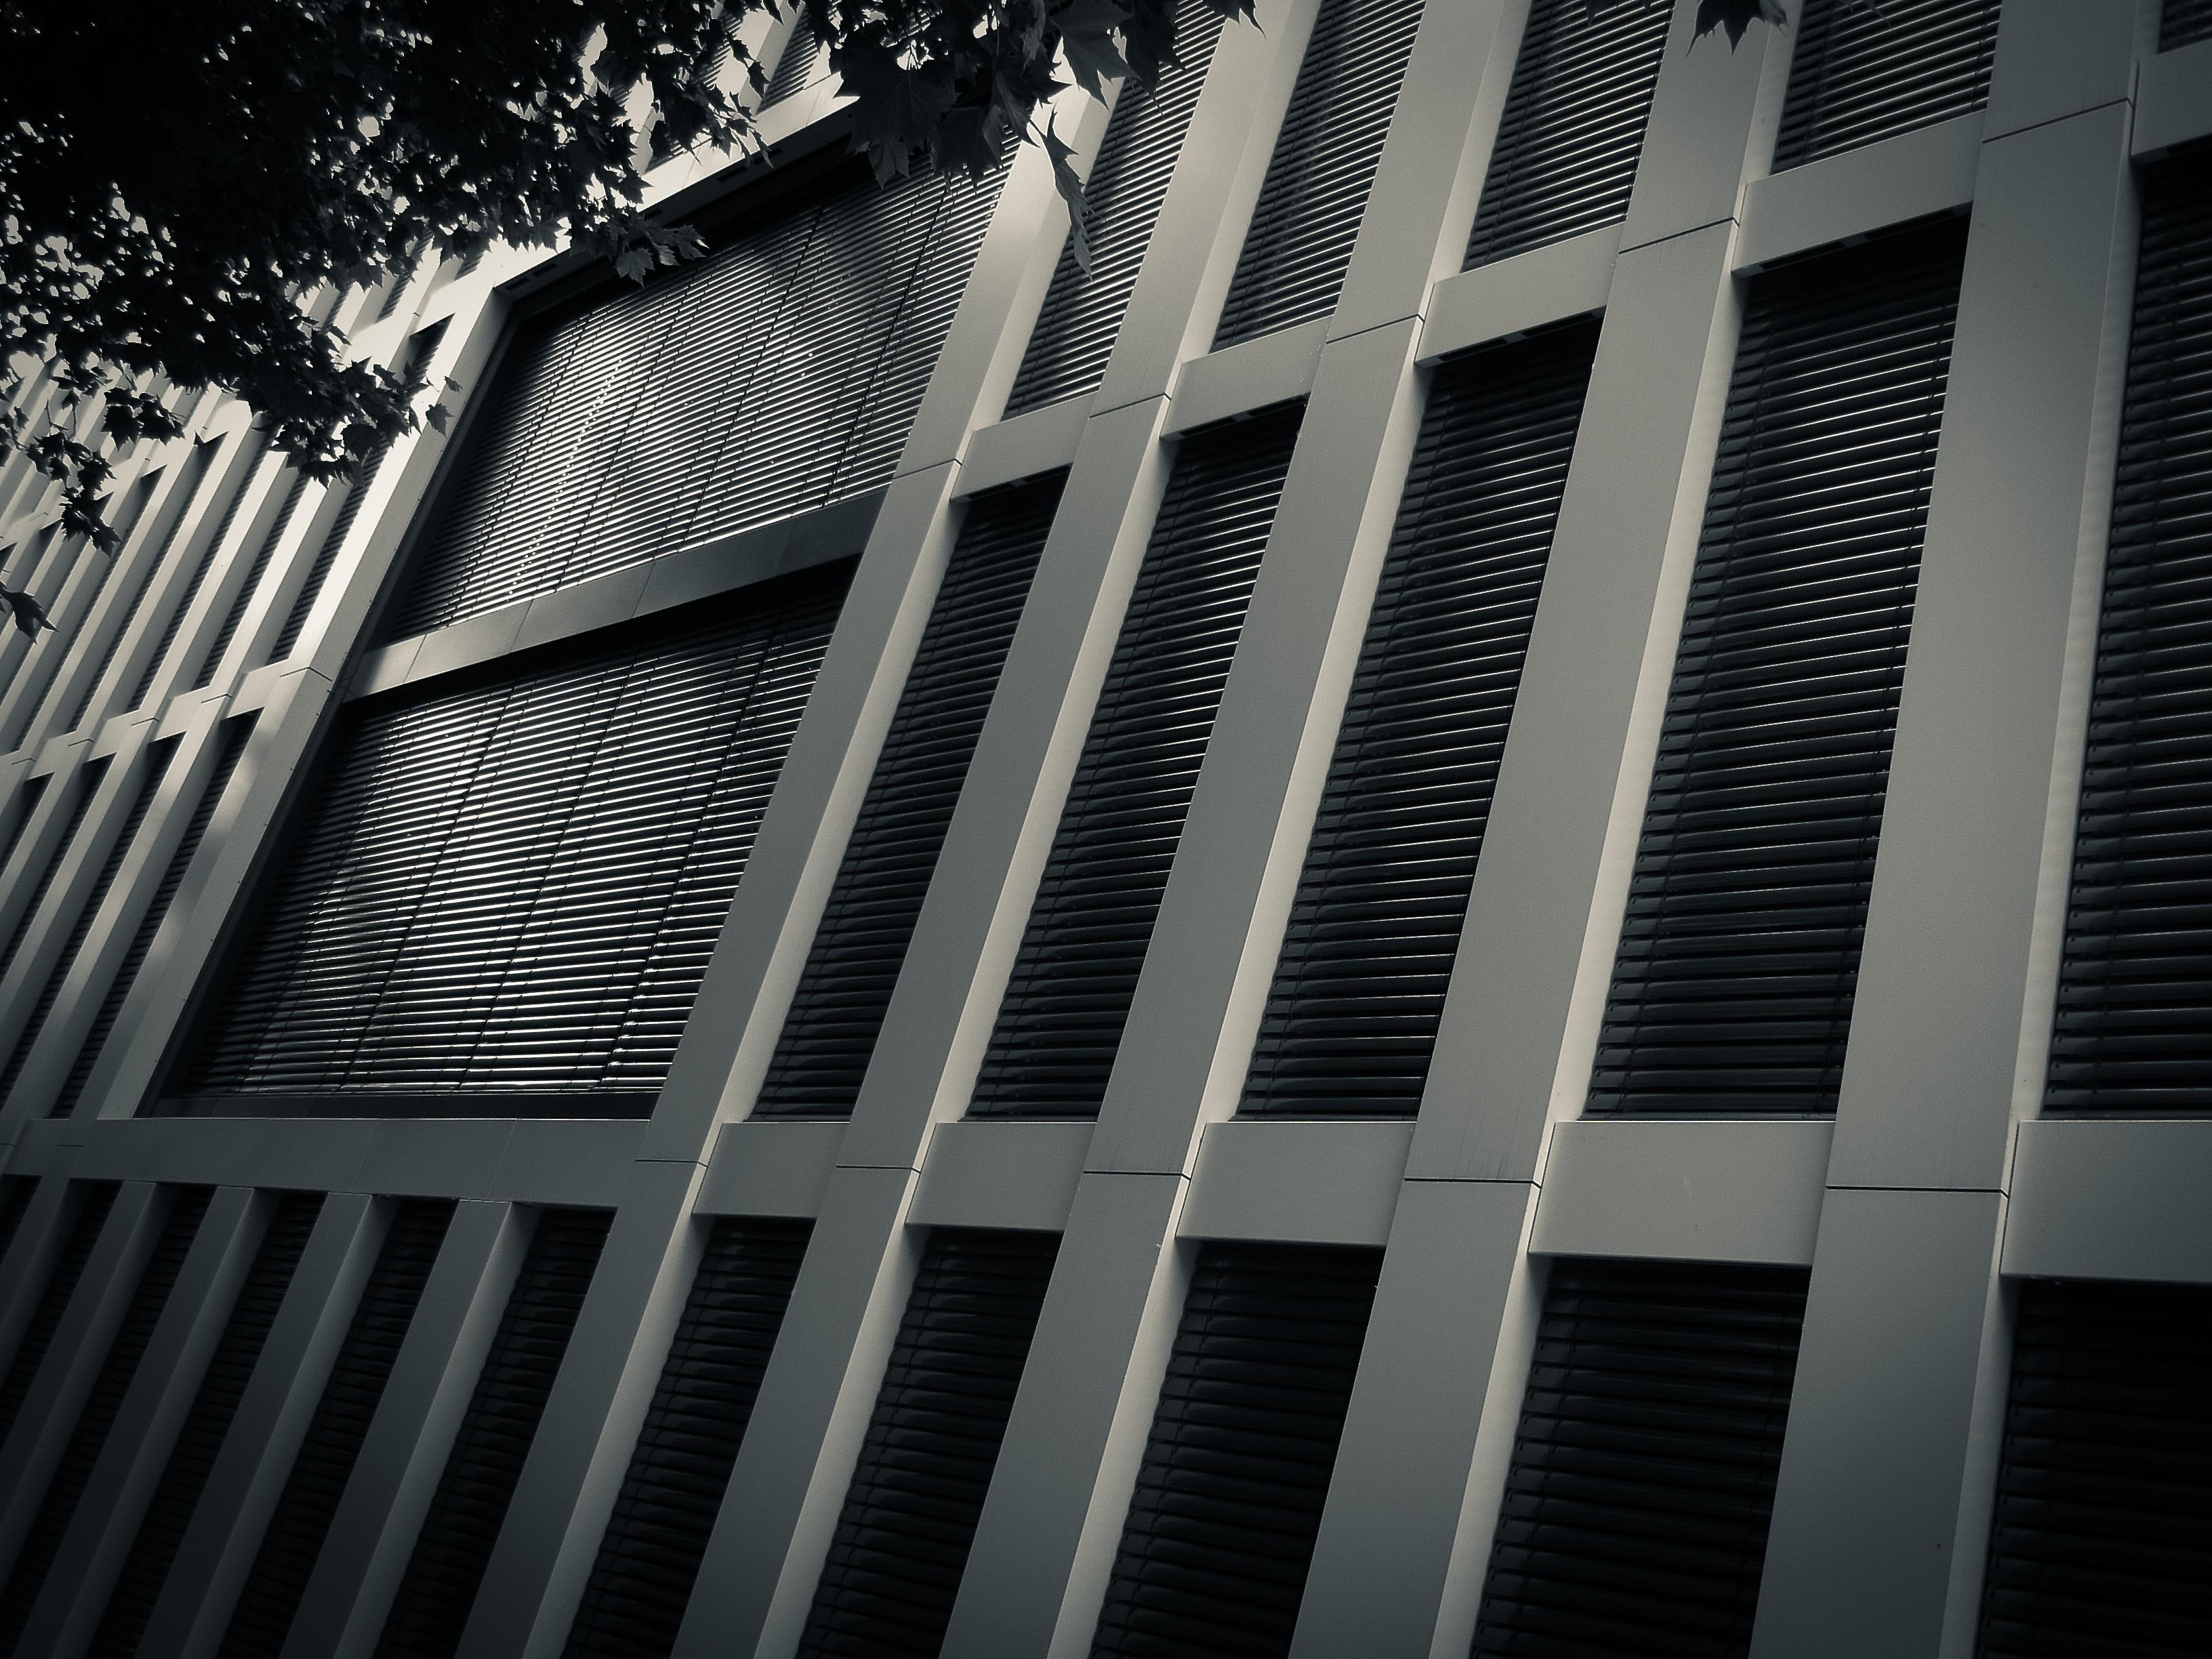 Moderne Stehlen kostenlose foto die architektur struktur glas gebäude